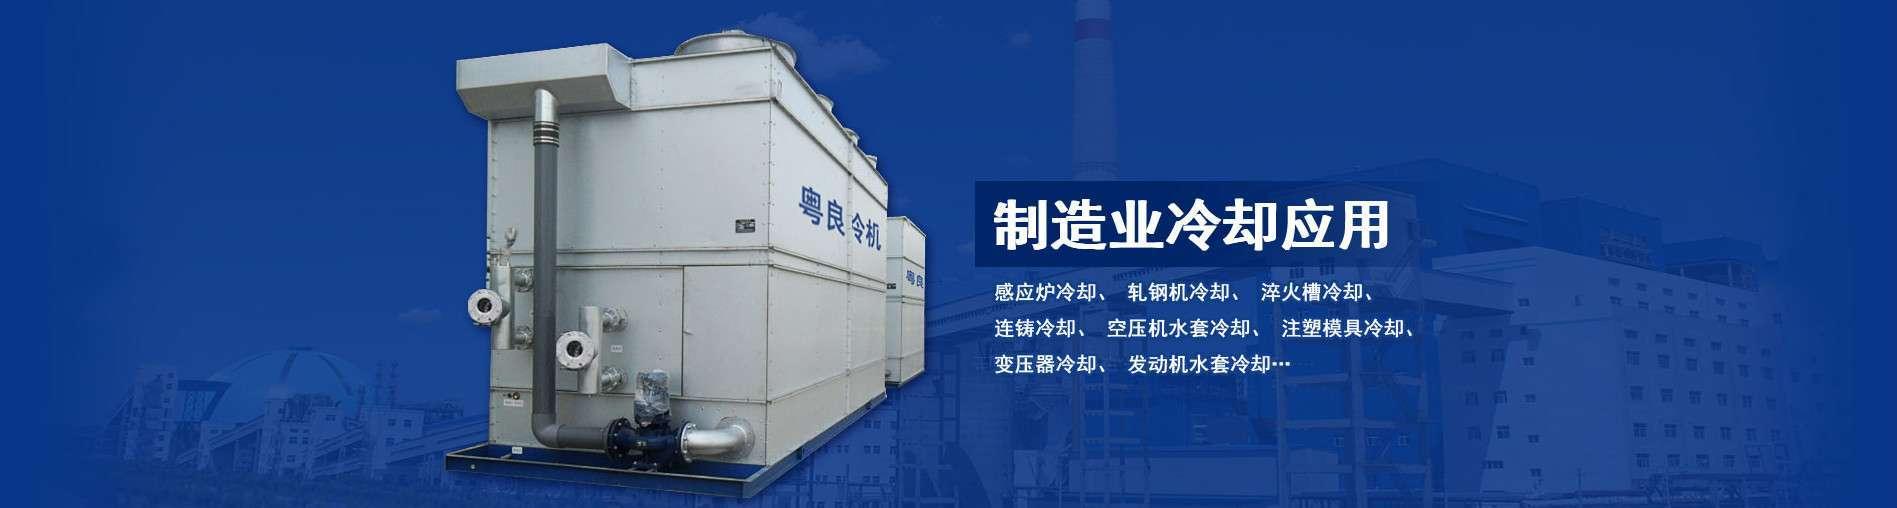 广东良一制冷设备有限公司